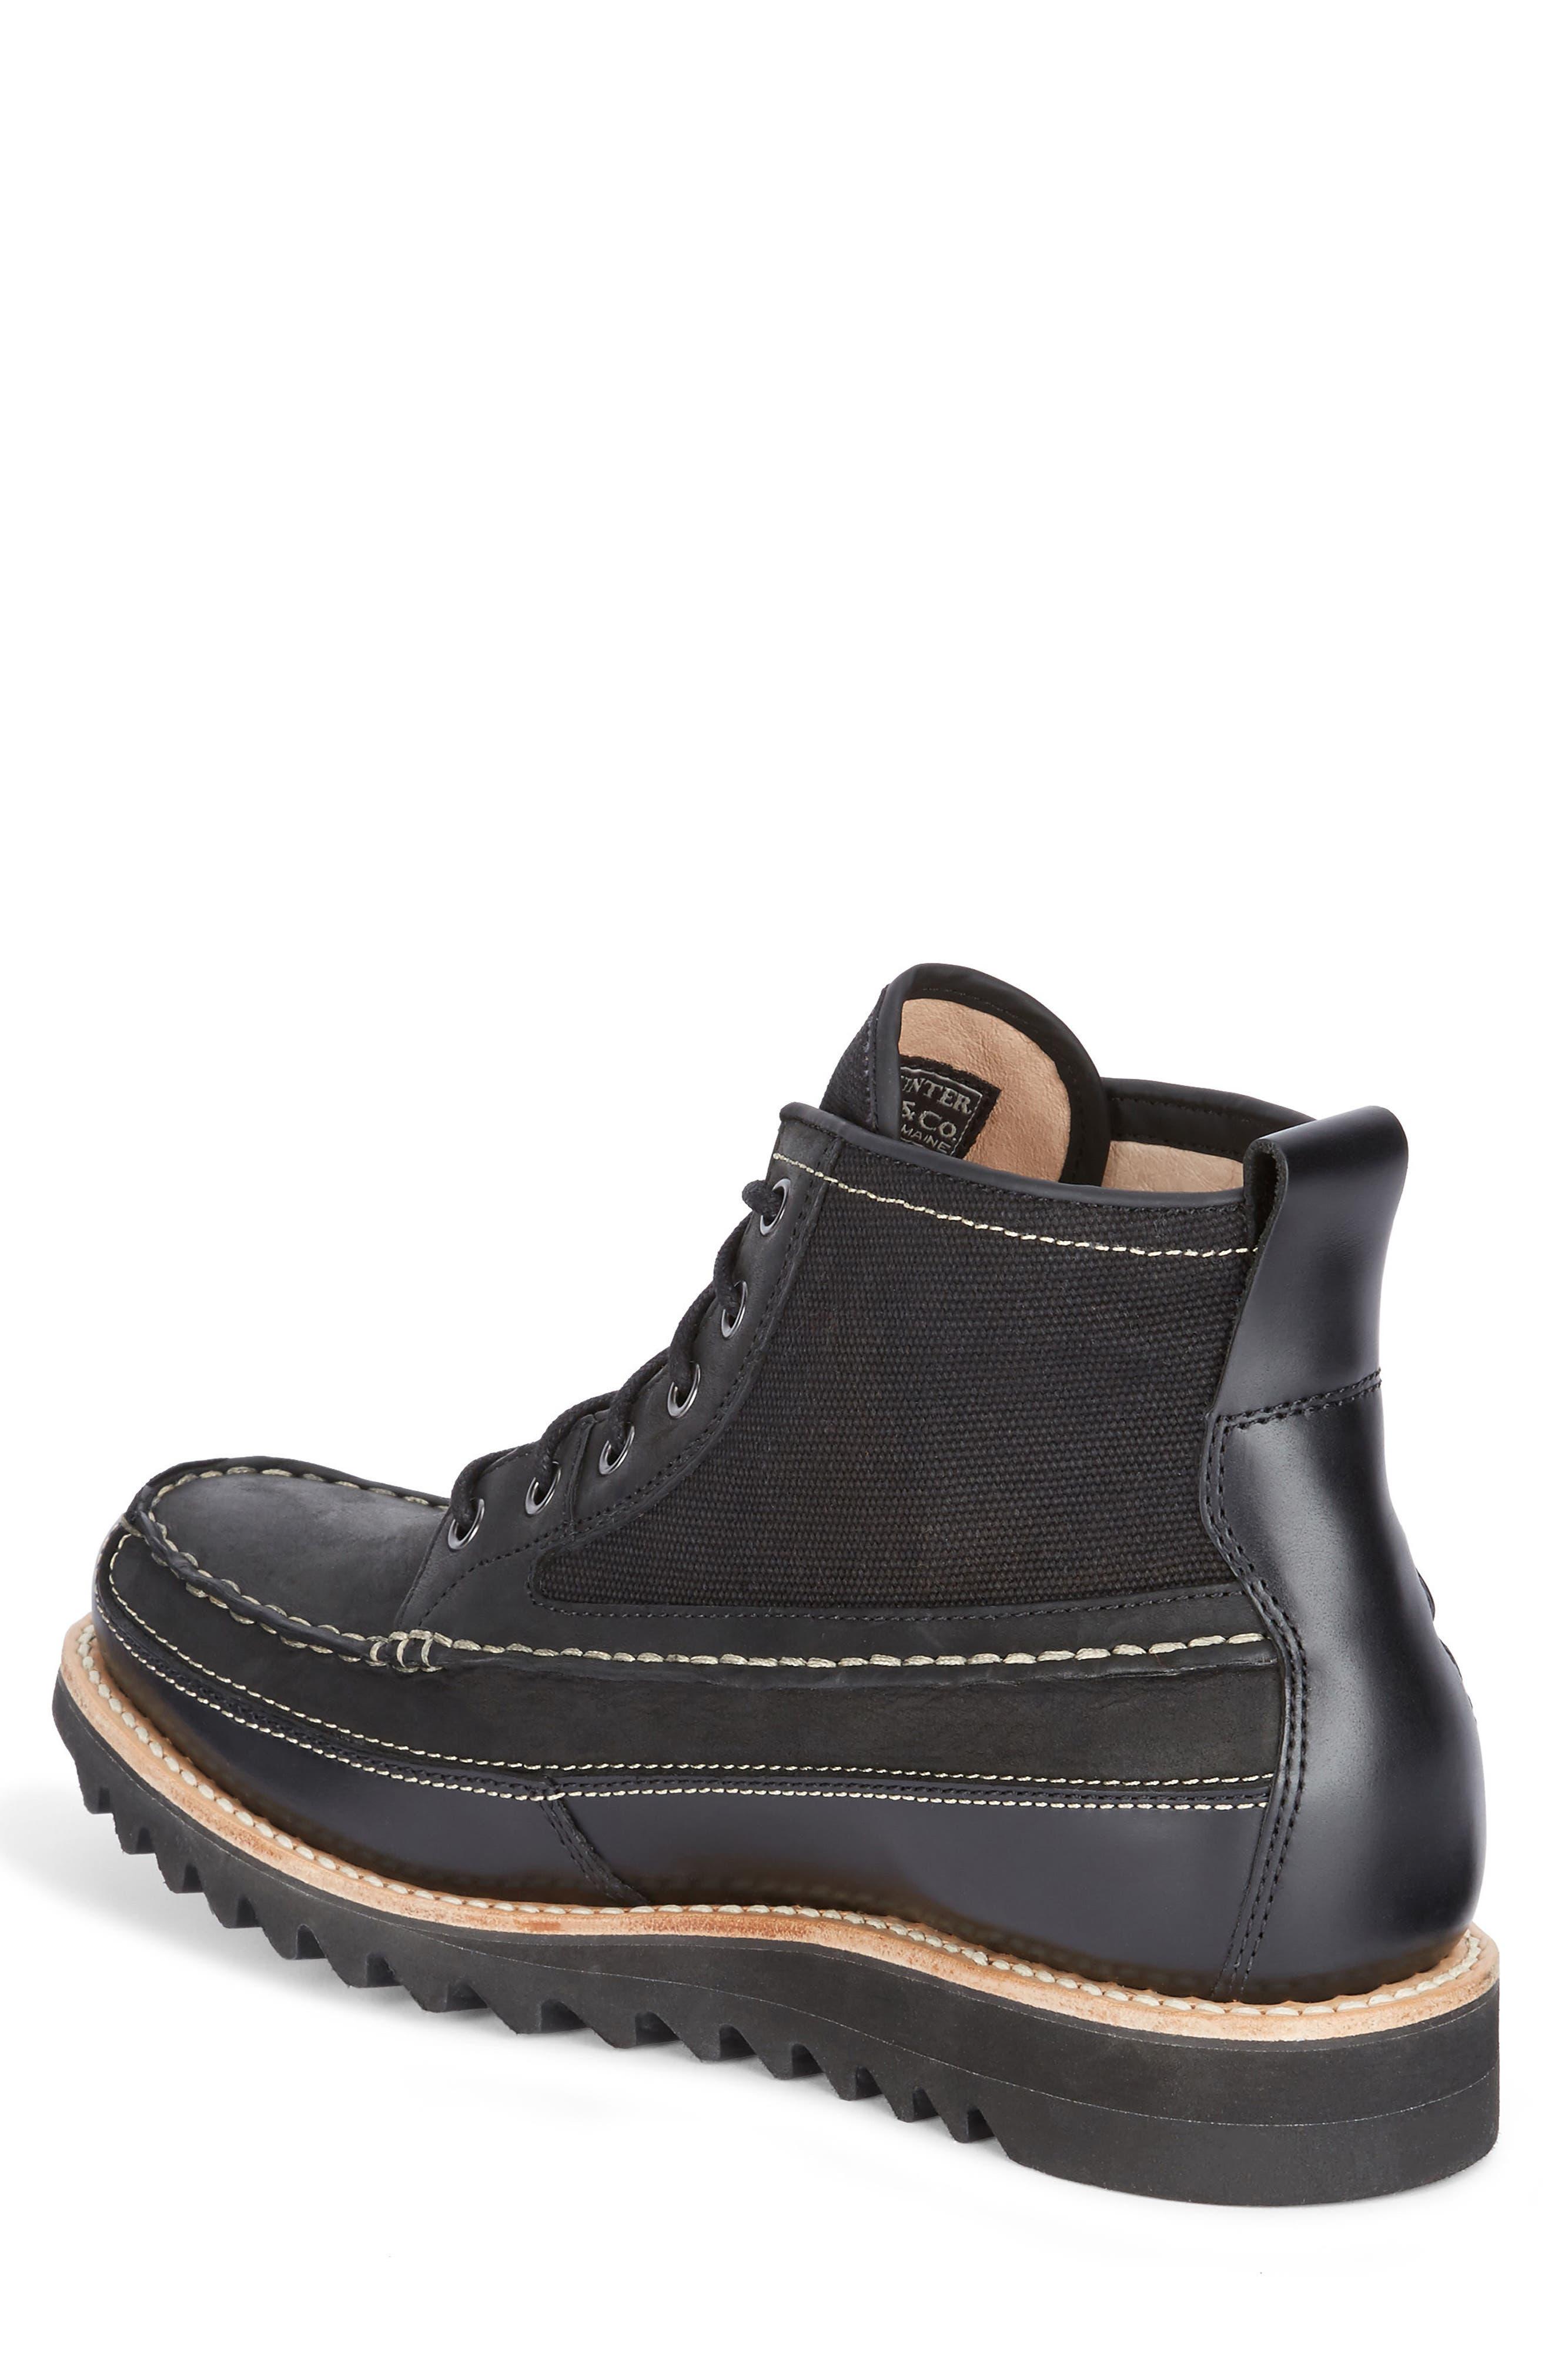 Nickson Razor Moc Toe Boot,                             Alternate thumbnail 2, color,                             Black